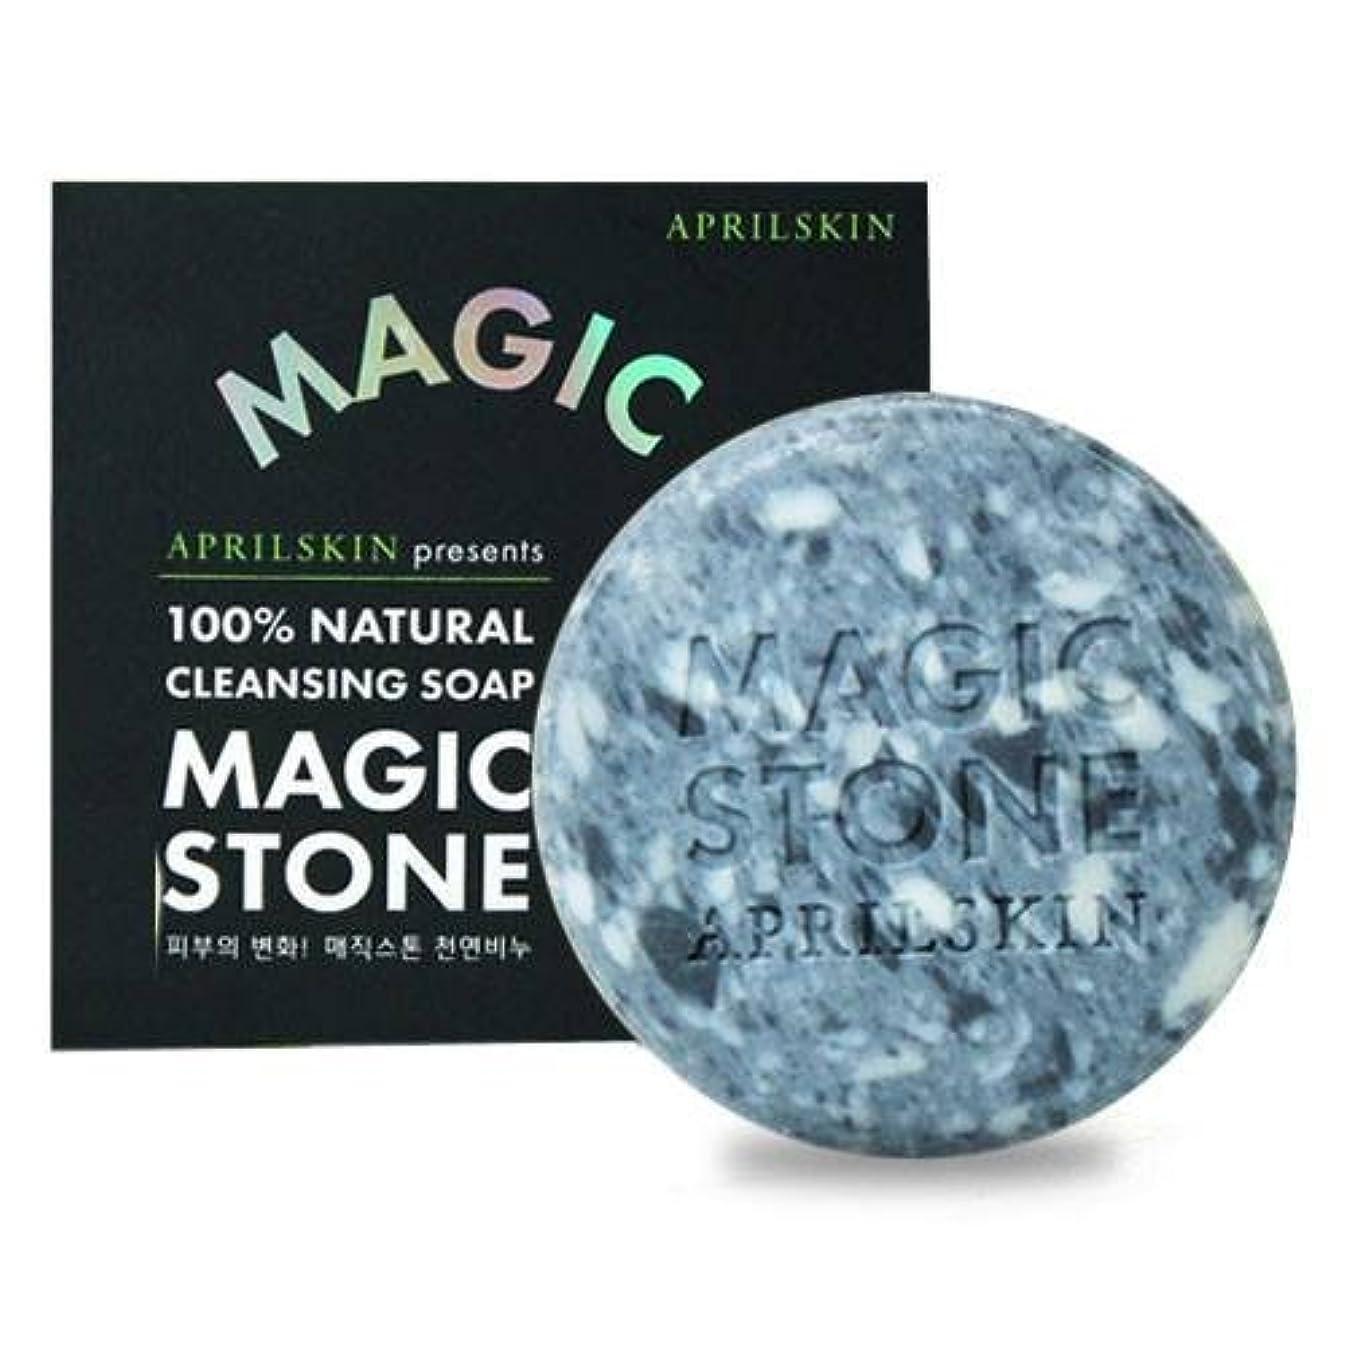 締め切りセイはさておき調和のとれた[APRILSKIN] エイプリルスキン国民石鹸 (APRIL SKIN magic stone マジックストーンのリニューアルバージョン新発売) (ORIGINAL) [並行輸入品]